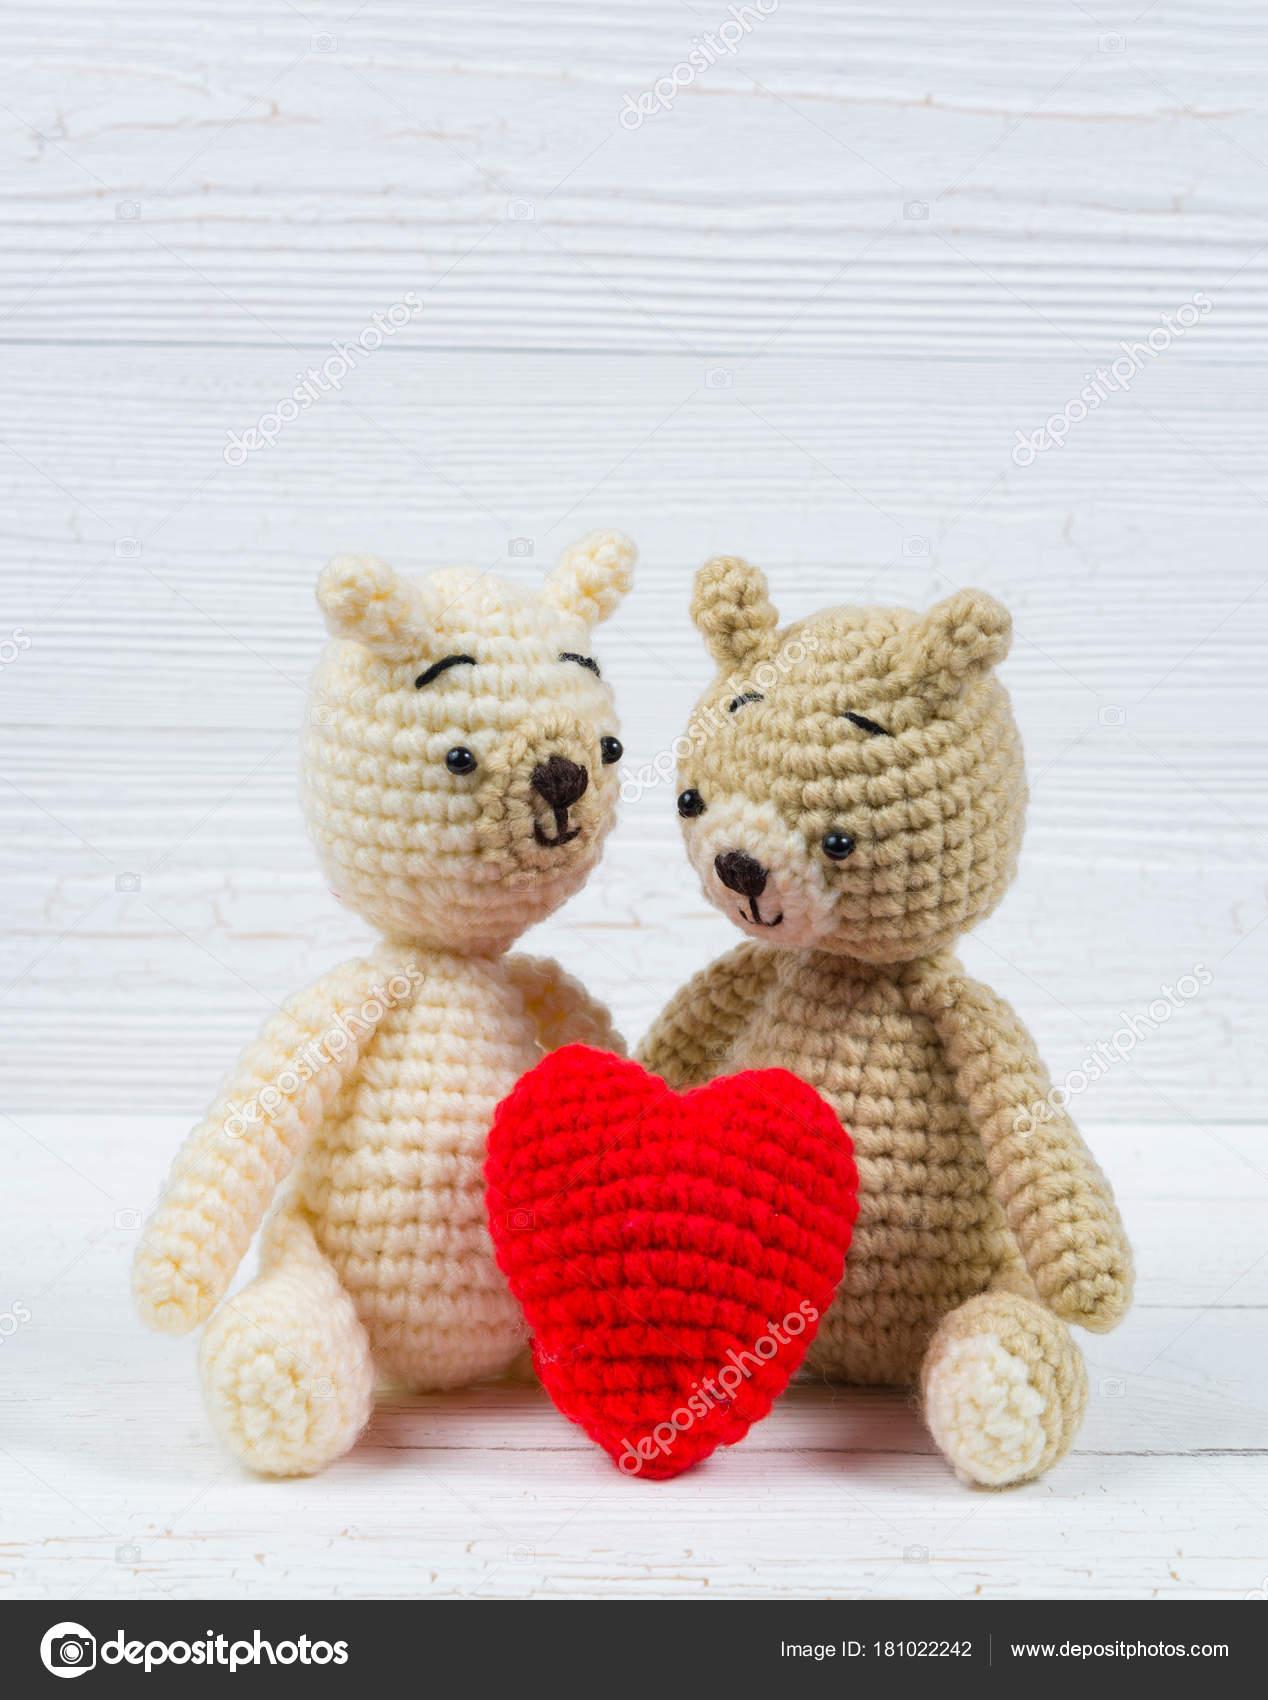 Paar Teddy Bär Mit Roten Herz Häkeln Stricken Handarbeit Auf Wh